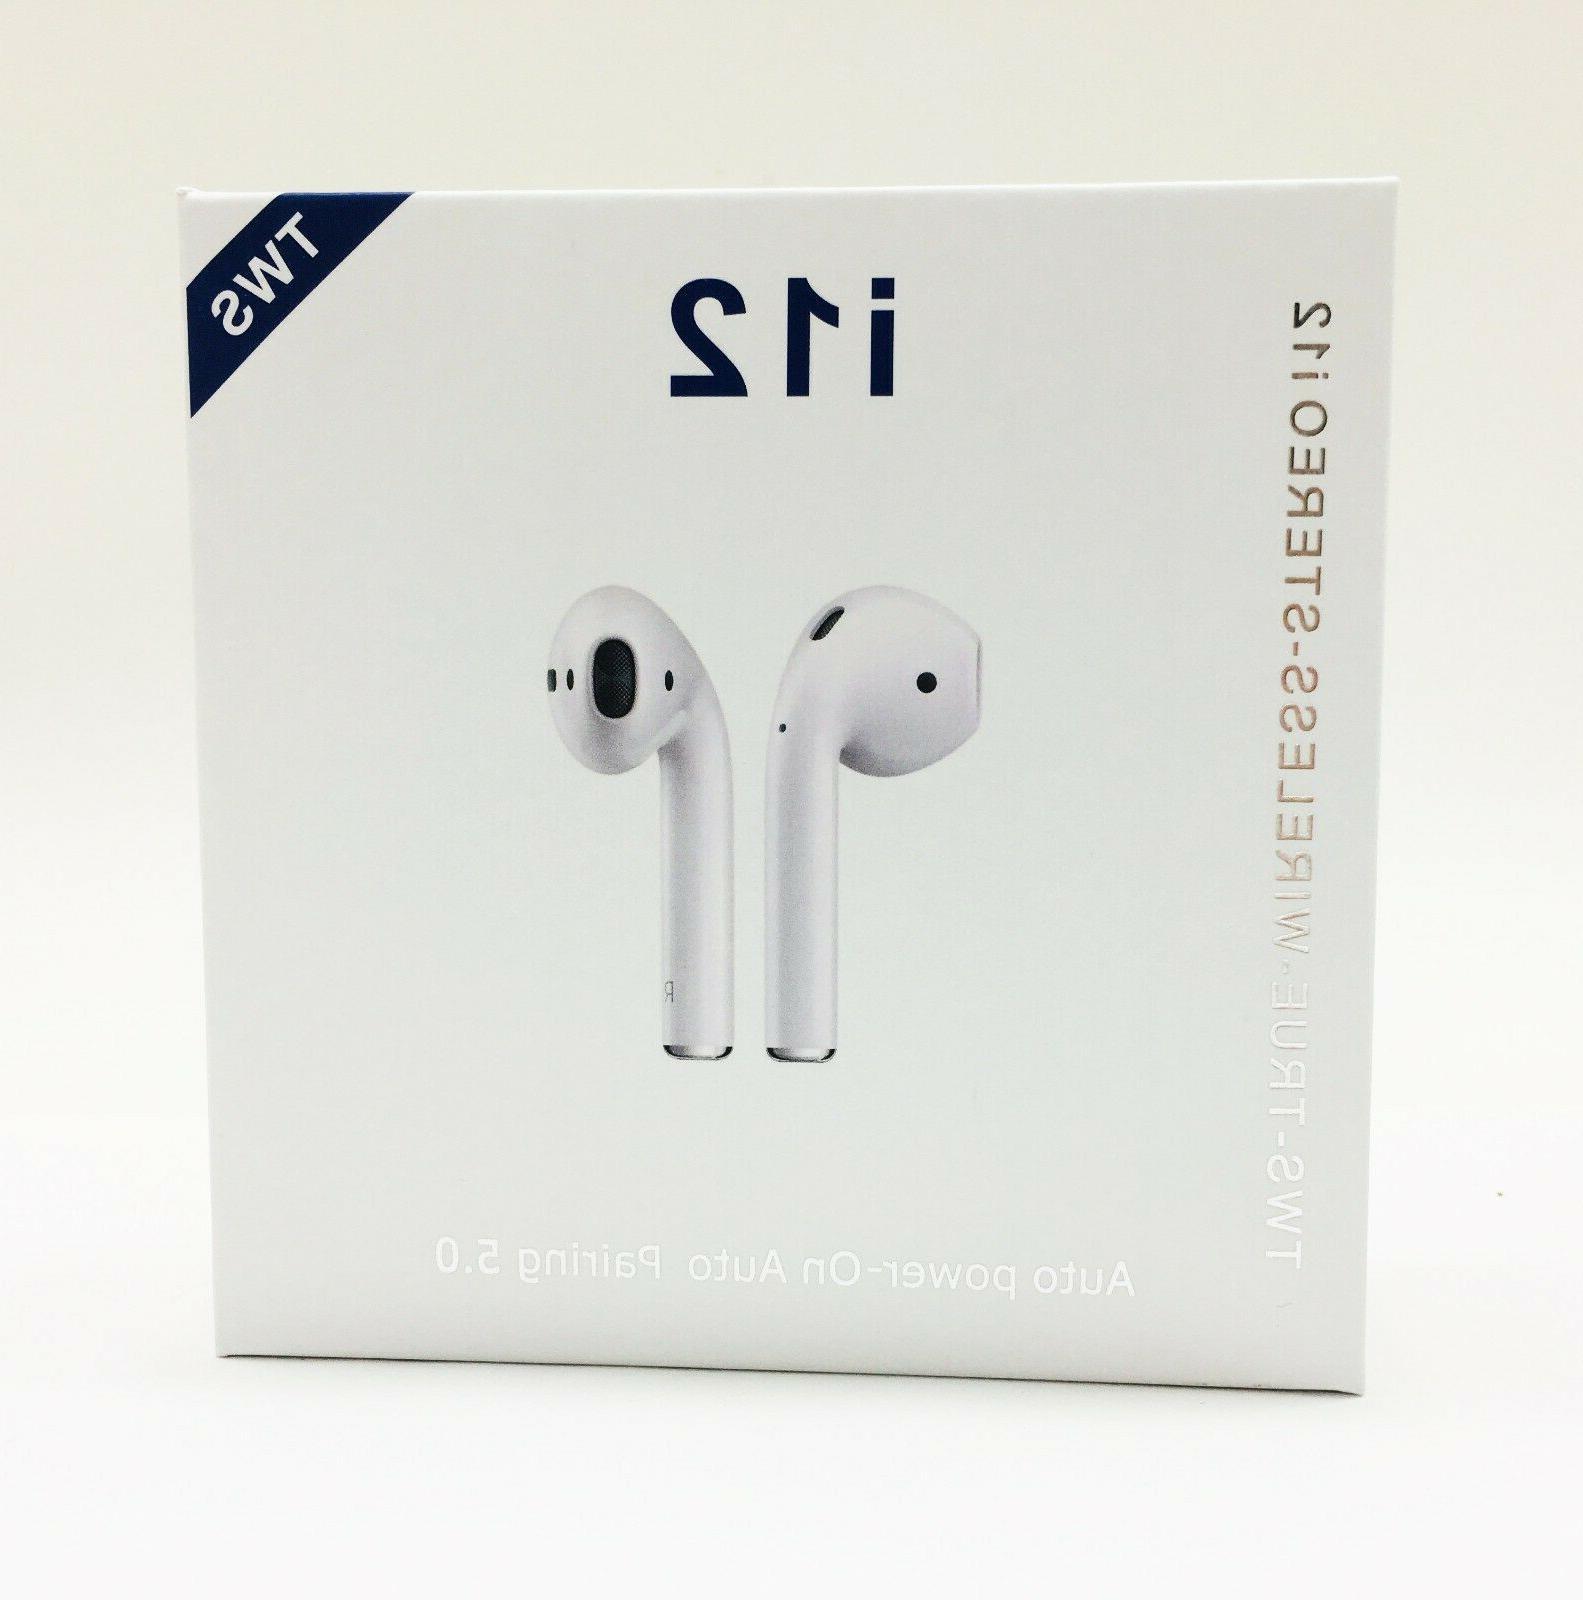 Earphones Wireless Headphones For iPhone